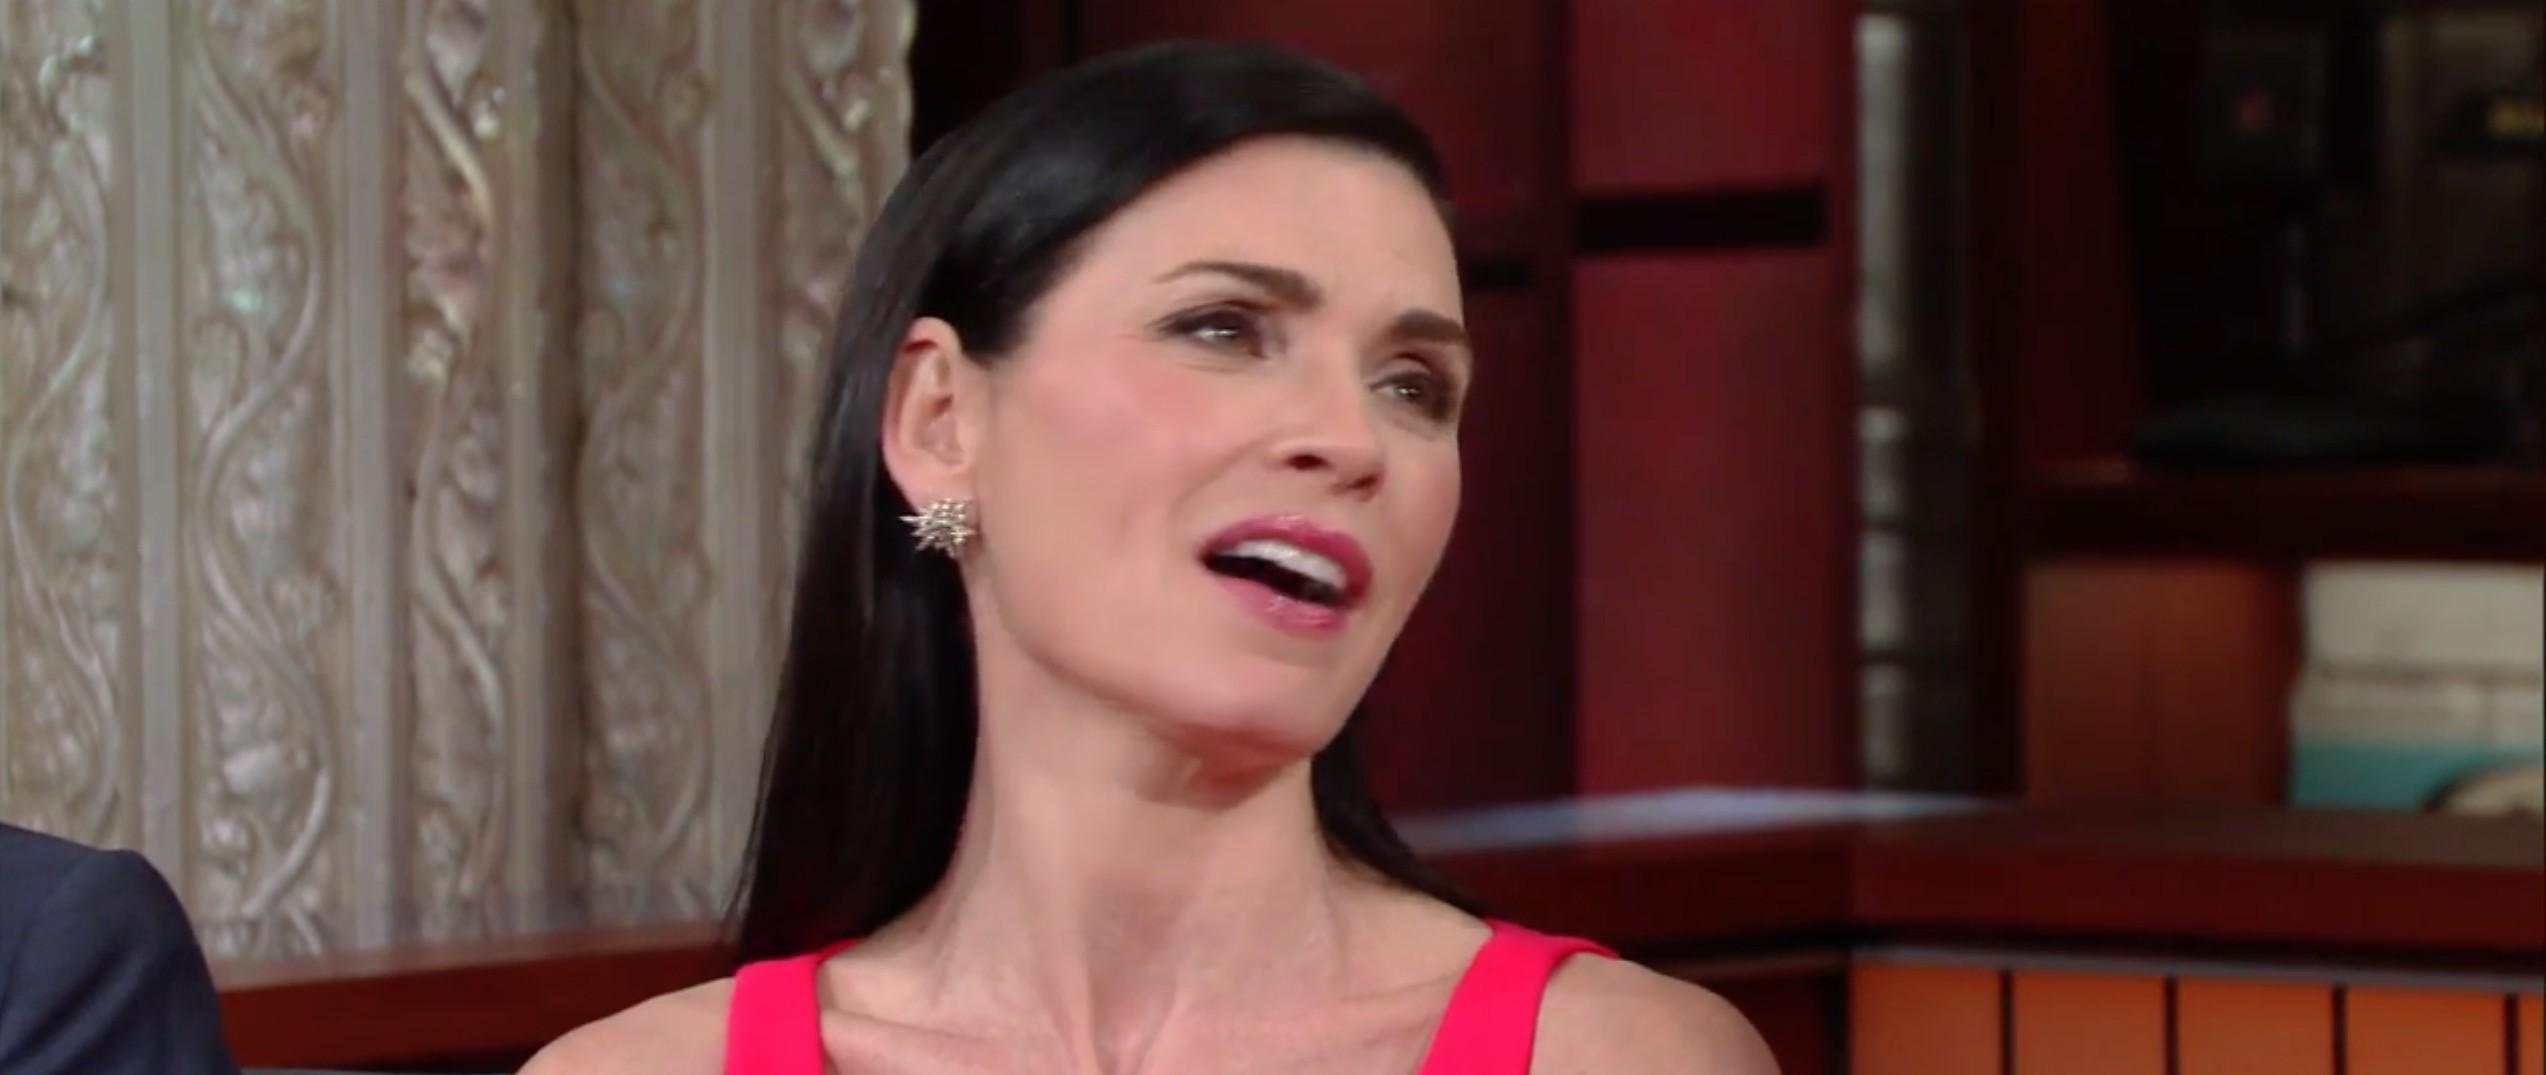 Julianna Margulies, Screen Shot CBS, 4-29-2016, Image 1